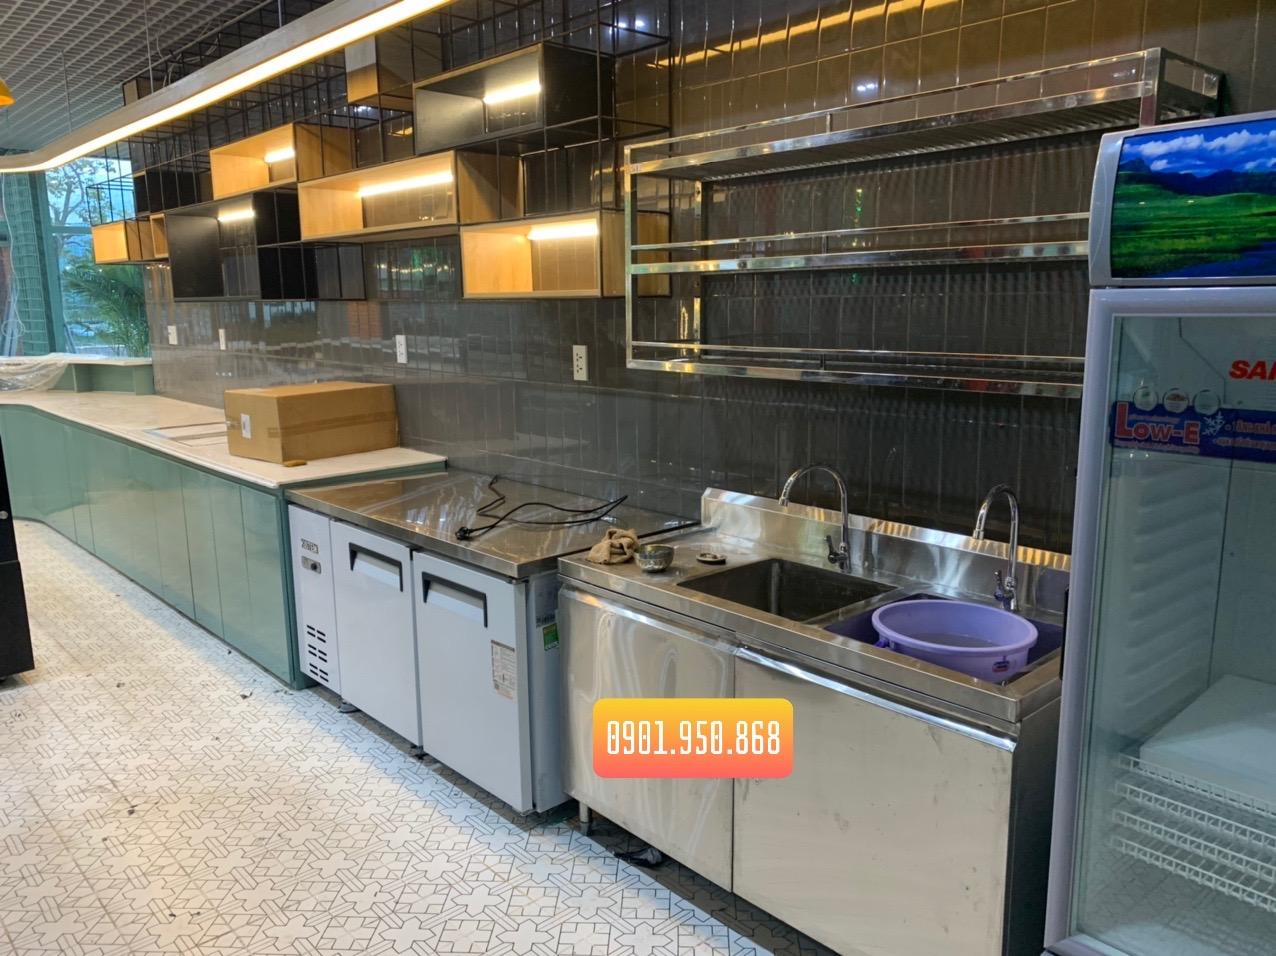 chuyên cung cấp các sản phẩm bếp công nghiệp dành riêng cho khu vực nhà hàng khách sạn lớn nhỏ, chúng tôi đã tạo tiền đề phát triển, giúp cho những món ăn, những suất ăn công nghiệp mỗi ngày một phát triển. Bếp Công Nghiệp TGP – Trung Gia Phát Việt Nam đã trở thành lựa chọn đầu tiên và không thể thiếu cho không gian bếp của khách hàng.